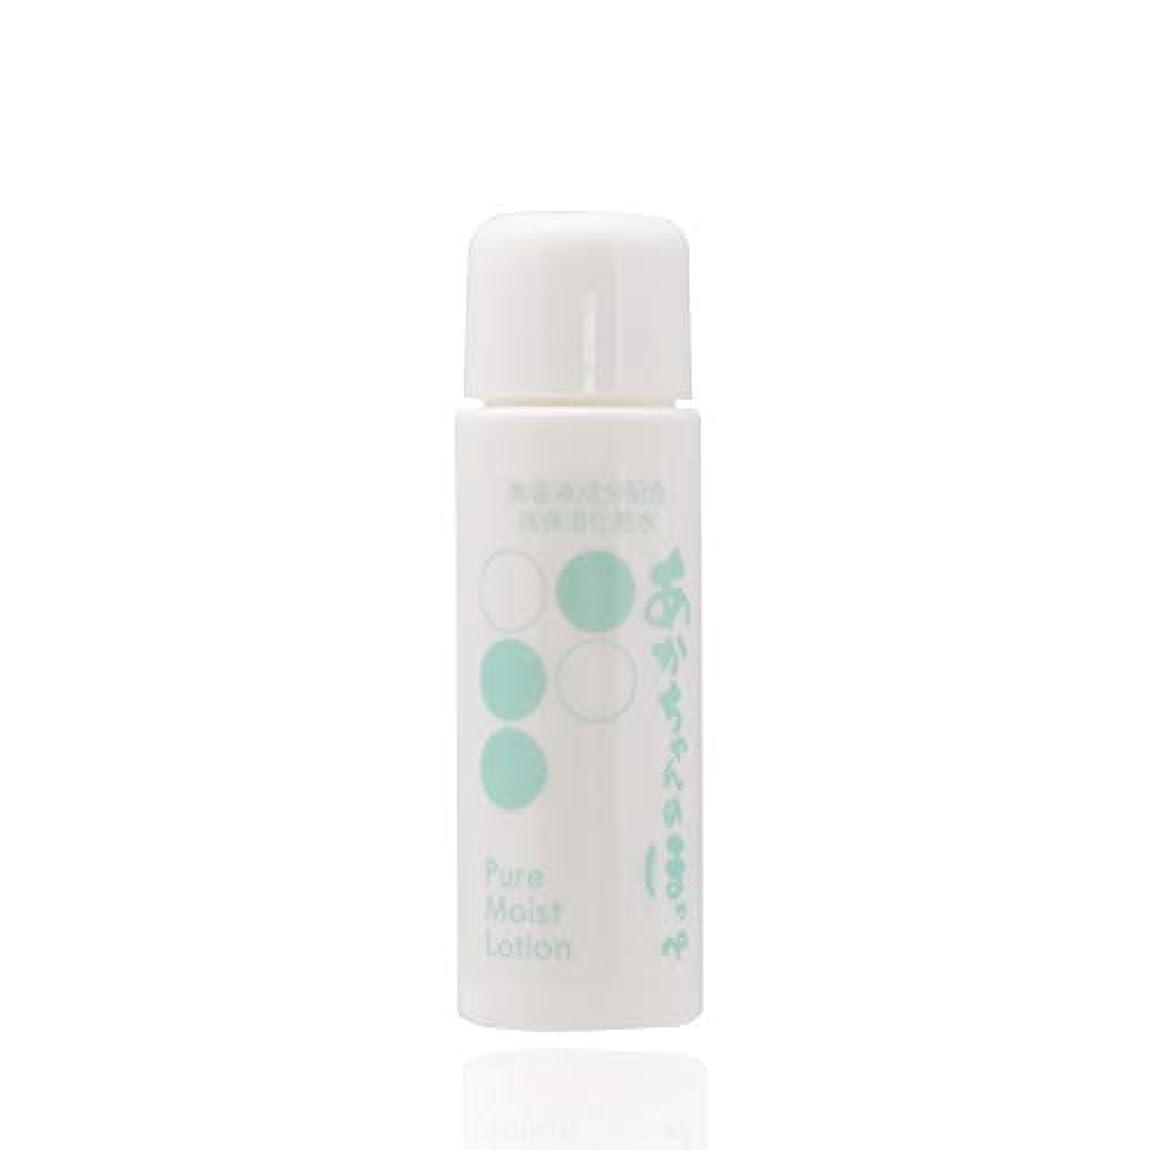 ソブリケット体現する溶融美容液からつくった高保湿栄養化粧水 「あかちゃんのほっぺ」 PureMoist 20ml 明日のお肌が好きになる化粧水